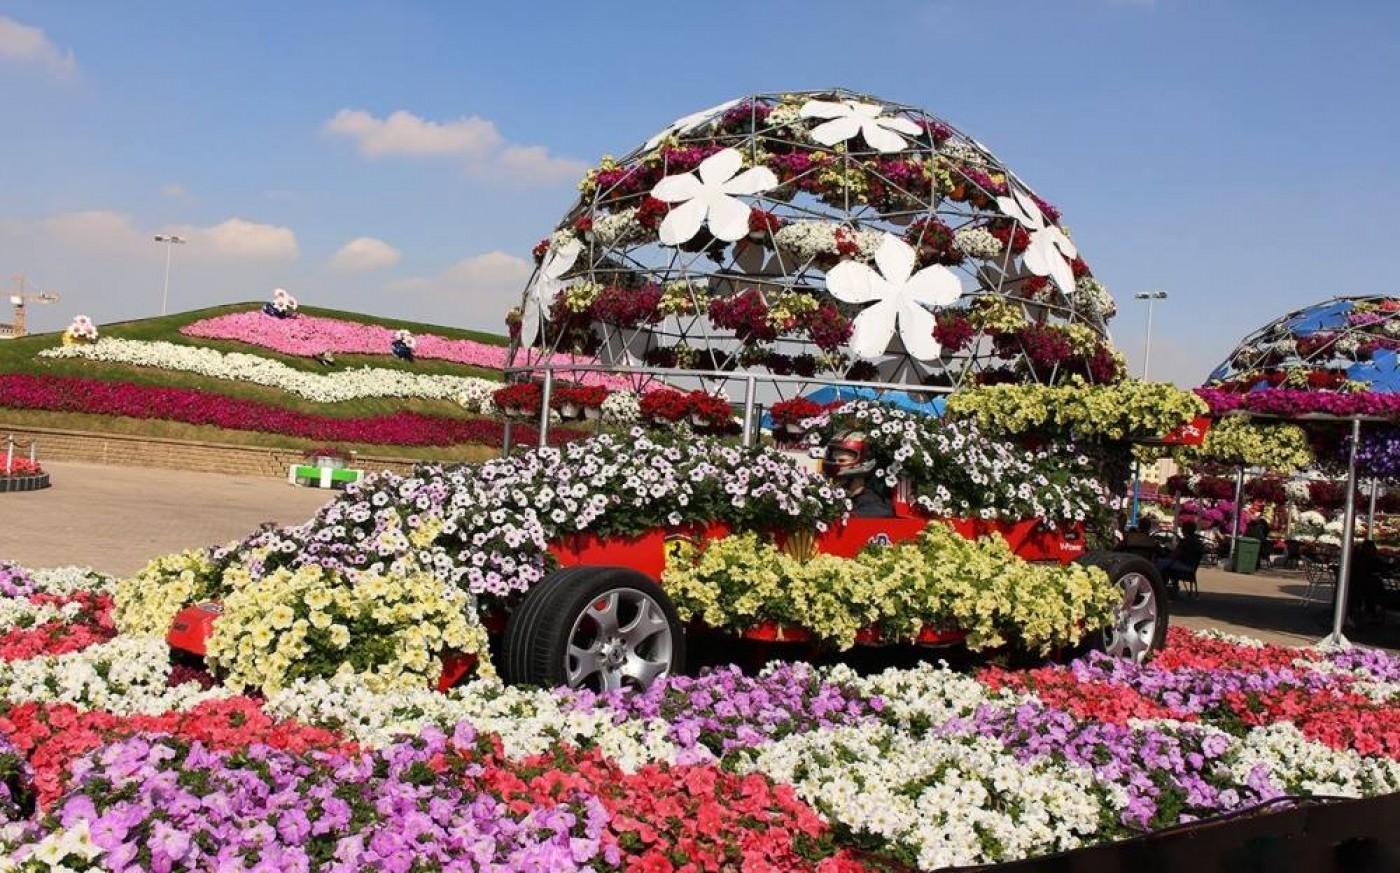 понравившуюся модель смотрите картинки по запросу цветы мира фотографии говорили, расположение